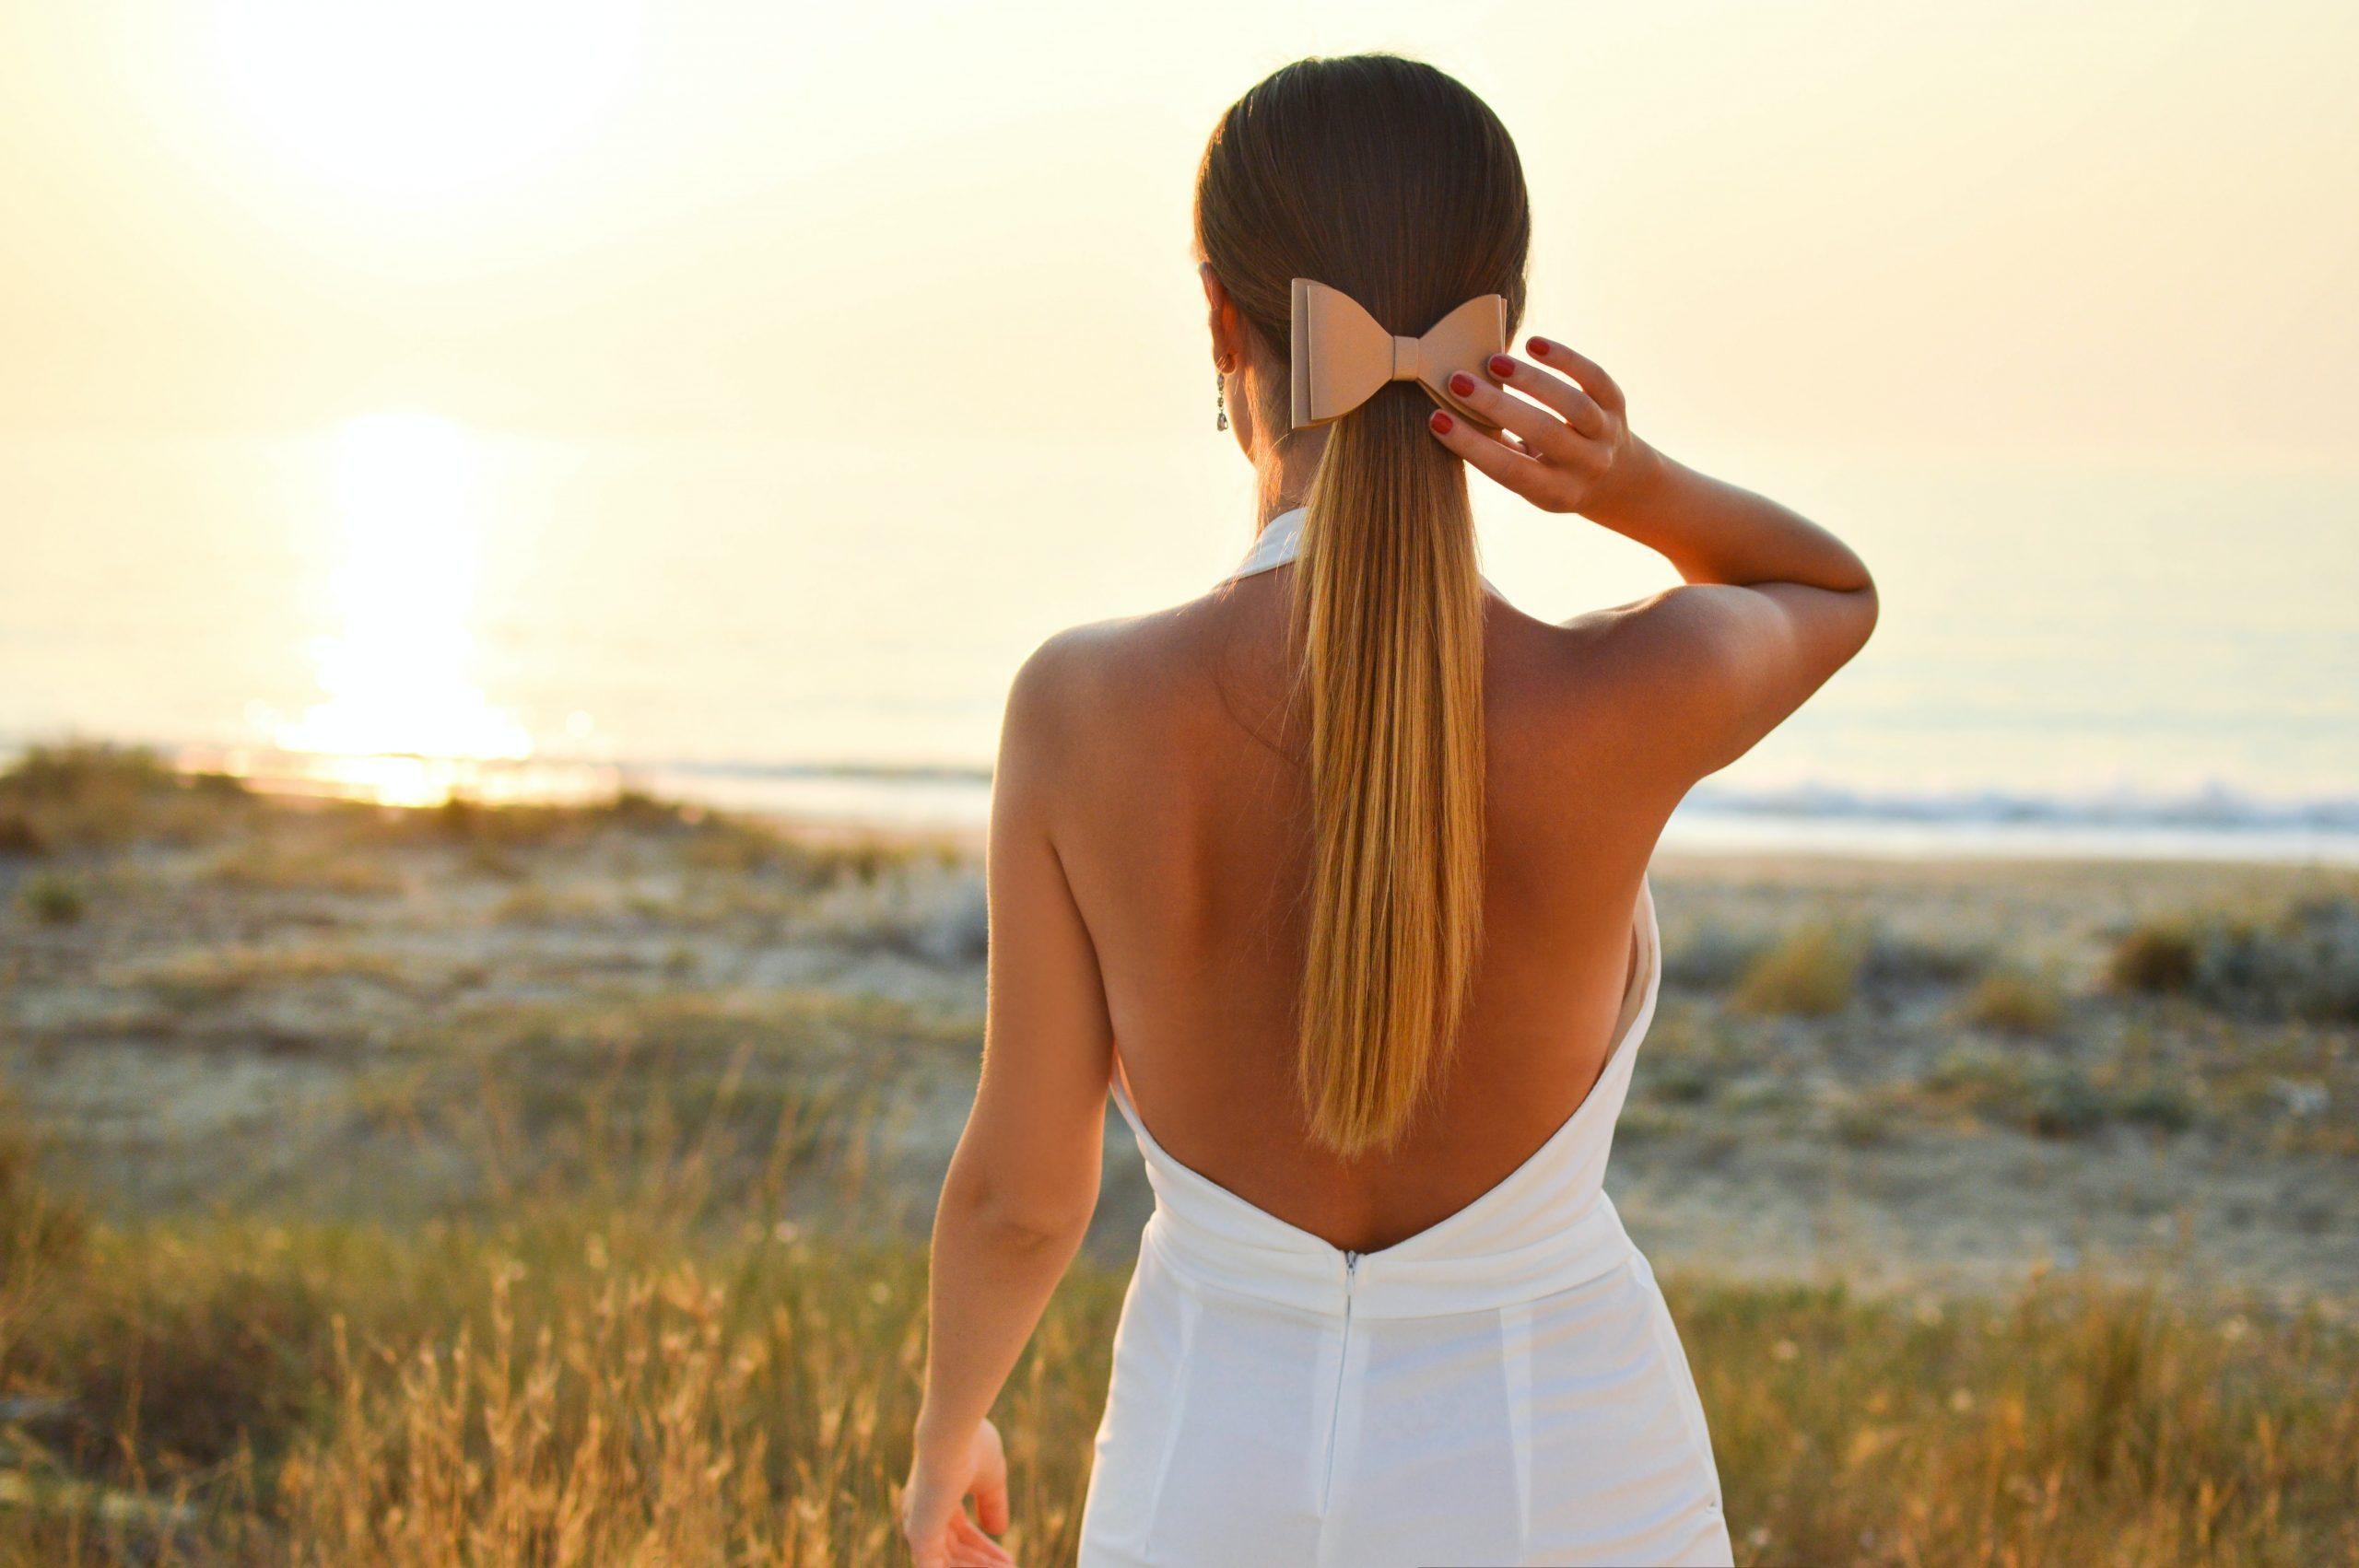 Imagem de uma mulher olhando para o horizonte.